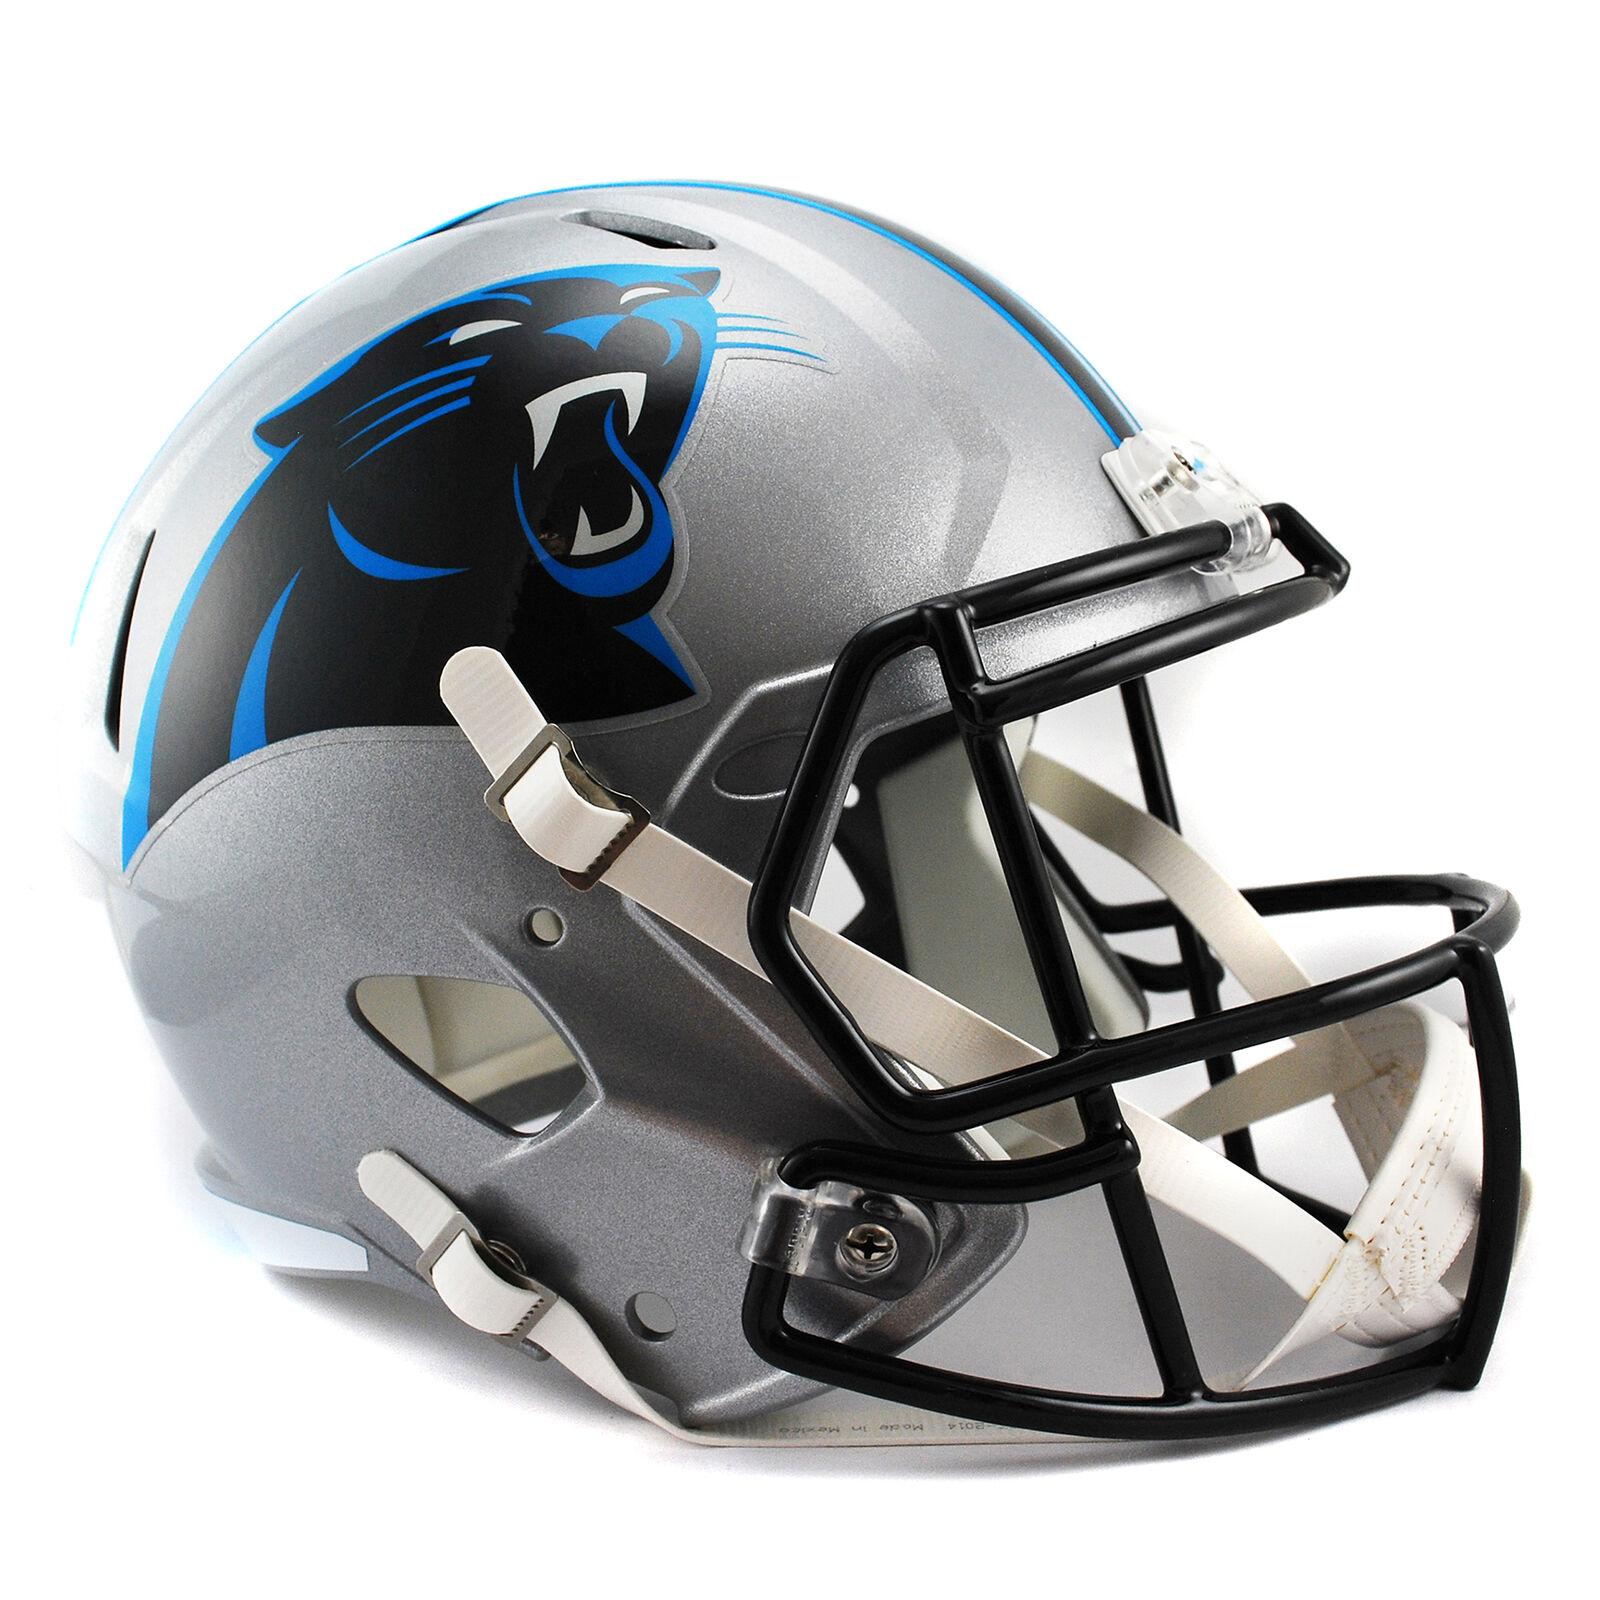 NFL Carolina Panthers Speed Replik Football Football Football Helm Fan Artikel Unisex Fanatics b9b2a9